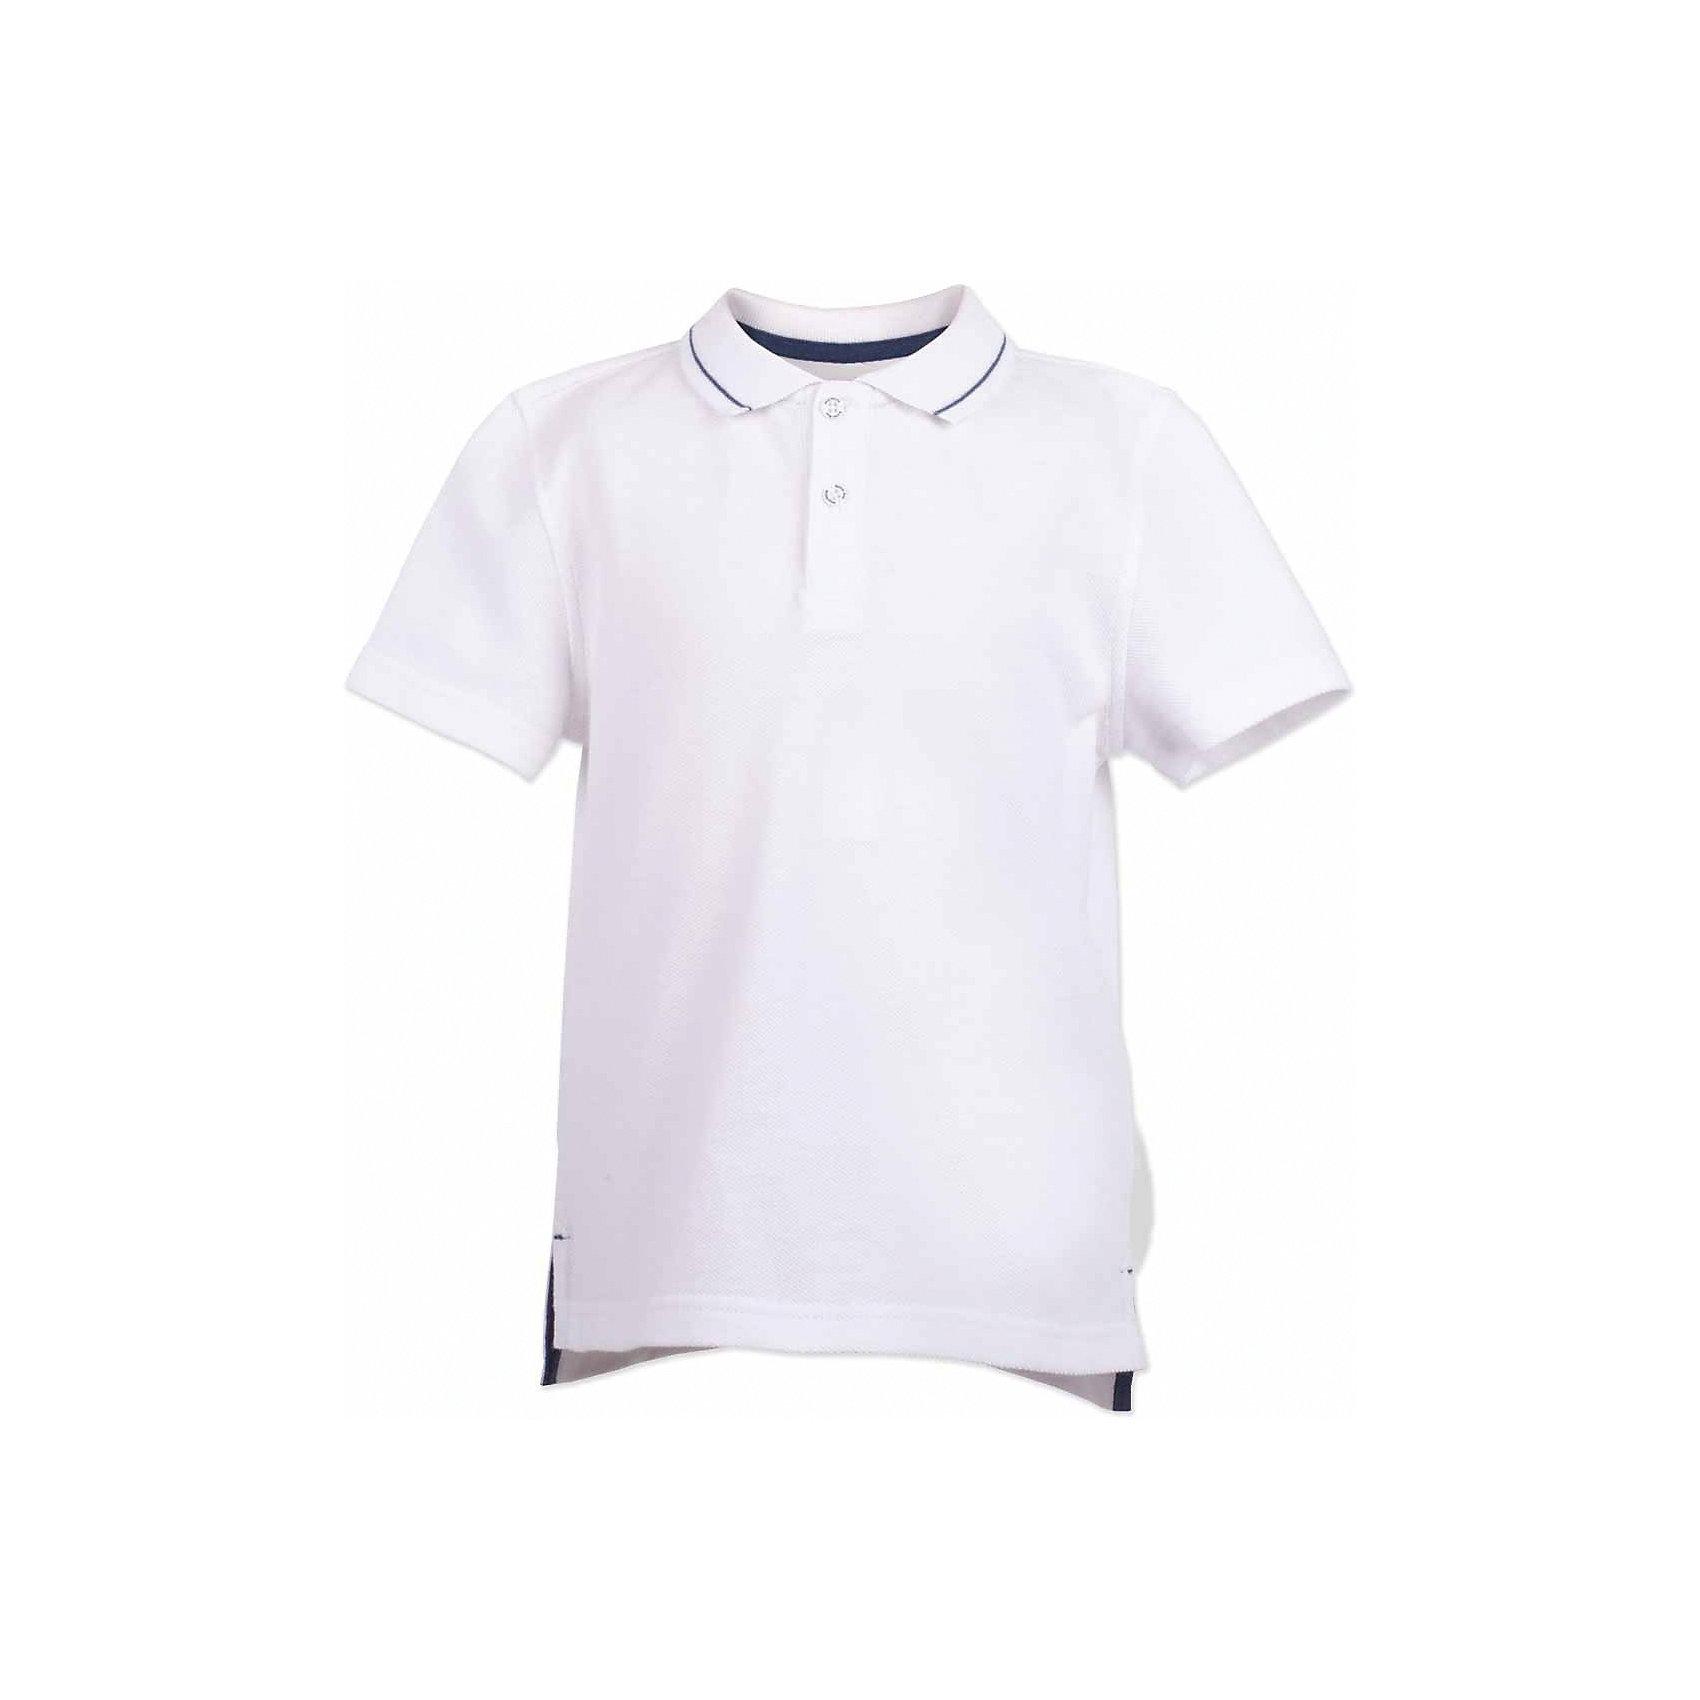 Футболка-поло для мальчика  BUTTON BLUEФутболки, поло и топы<br>Поло для мальчика  BUTTON BLUE<br>Белая футболка-поло - изделие из разряда must have! Это не только базовая вещь в гардеробе ребенка, но и залог хорошего летнего настроения! Если вы решили купить недорогую  футболку-поло для мальчика, выберете модель от Button Blue, и ваш ребенок будет доволен! Низкая цена не окажет влияния на бюджет семьи, позволив создать интересный базовый гардероб для долгожданных каникул!<br>Состав:<br>100%  хлопок<br><br>Ширина мм: 199<br>Глубина мм: 10<br>Высота мм: 161<br>Вес г: 151<br>Цвет: белый<br>Возраст от месяцев: 144<br>Возраст до месяцев: 156<br>Пол: Мужской<br>Возраст: Детский<br>Размер: 158,98,104,110,116,122,128,134,140,146,152<br>SKU: 5524344